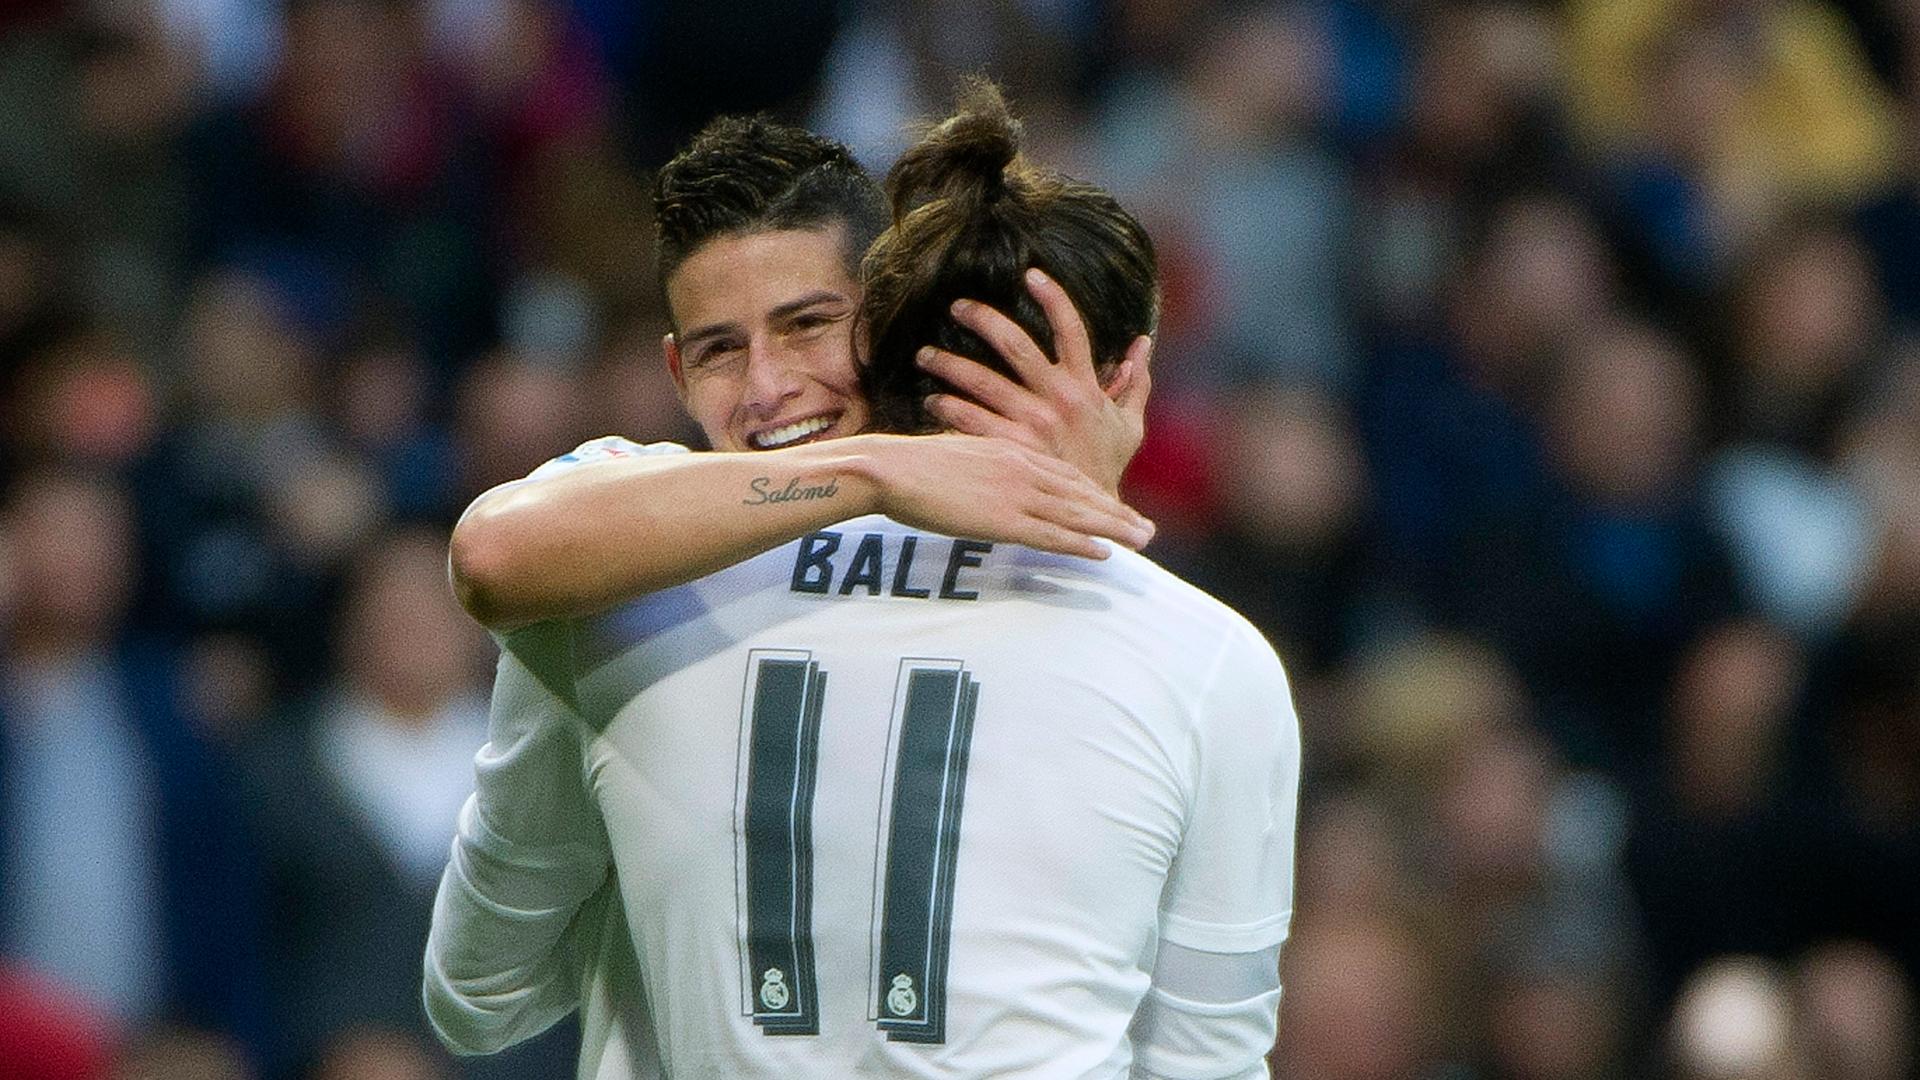 Real Madrid : Bale et James Rodriguez sont bien dans le groupe pour affronter le Celta Vigo !